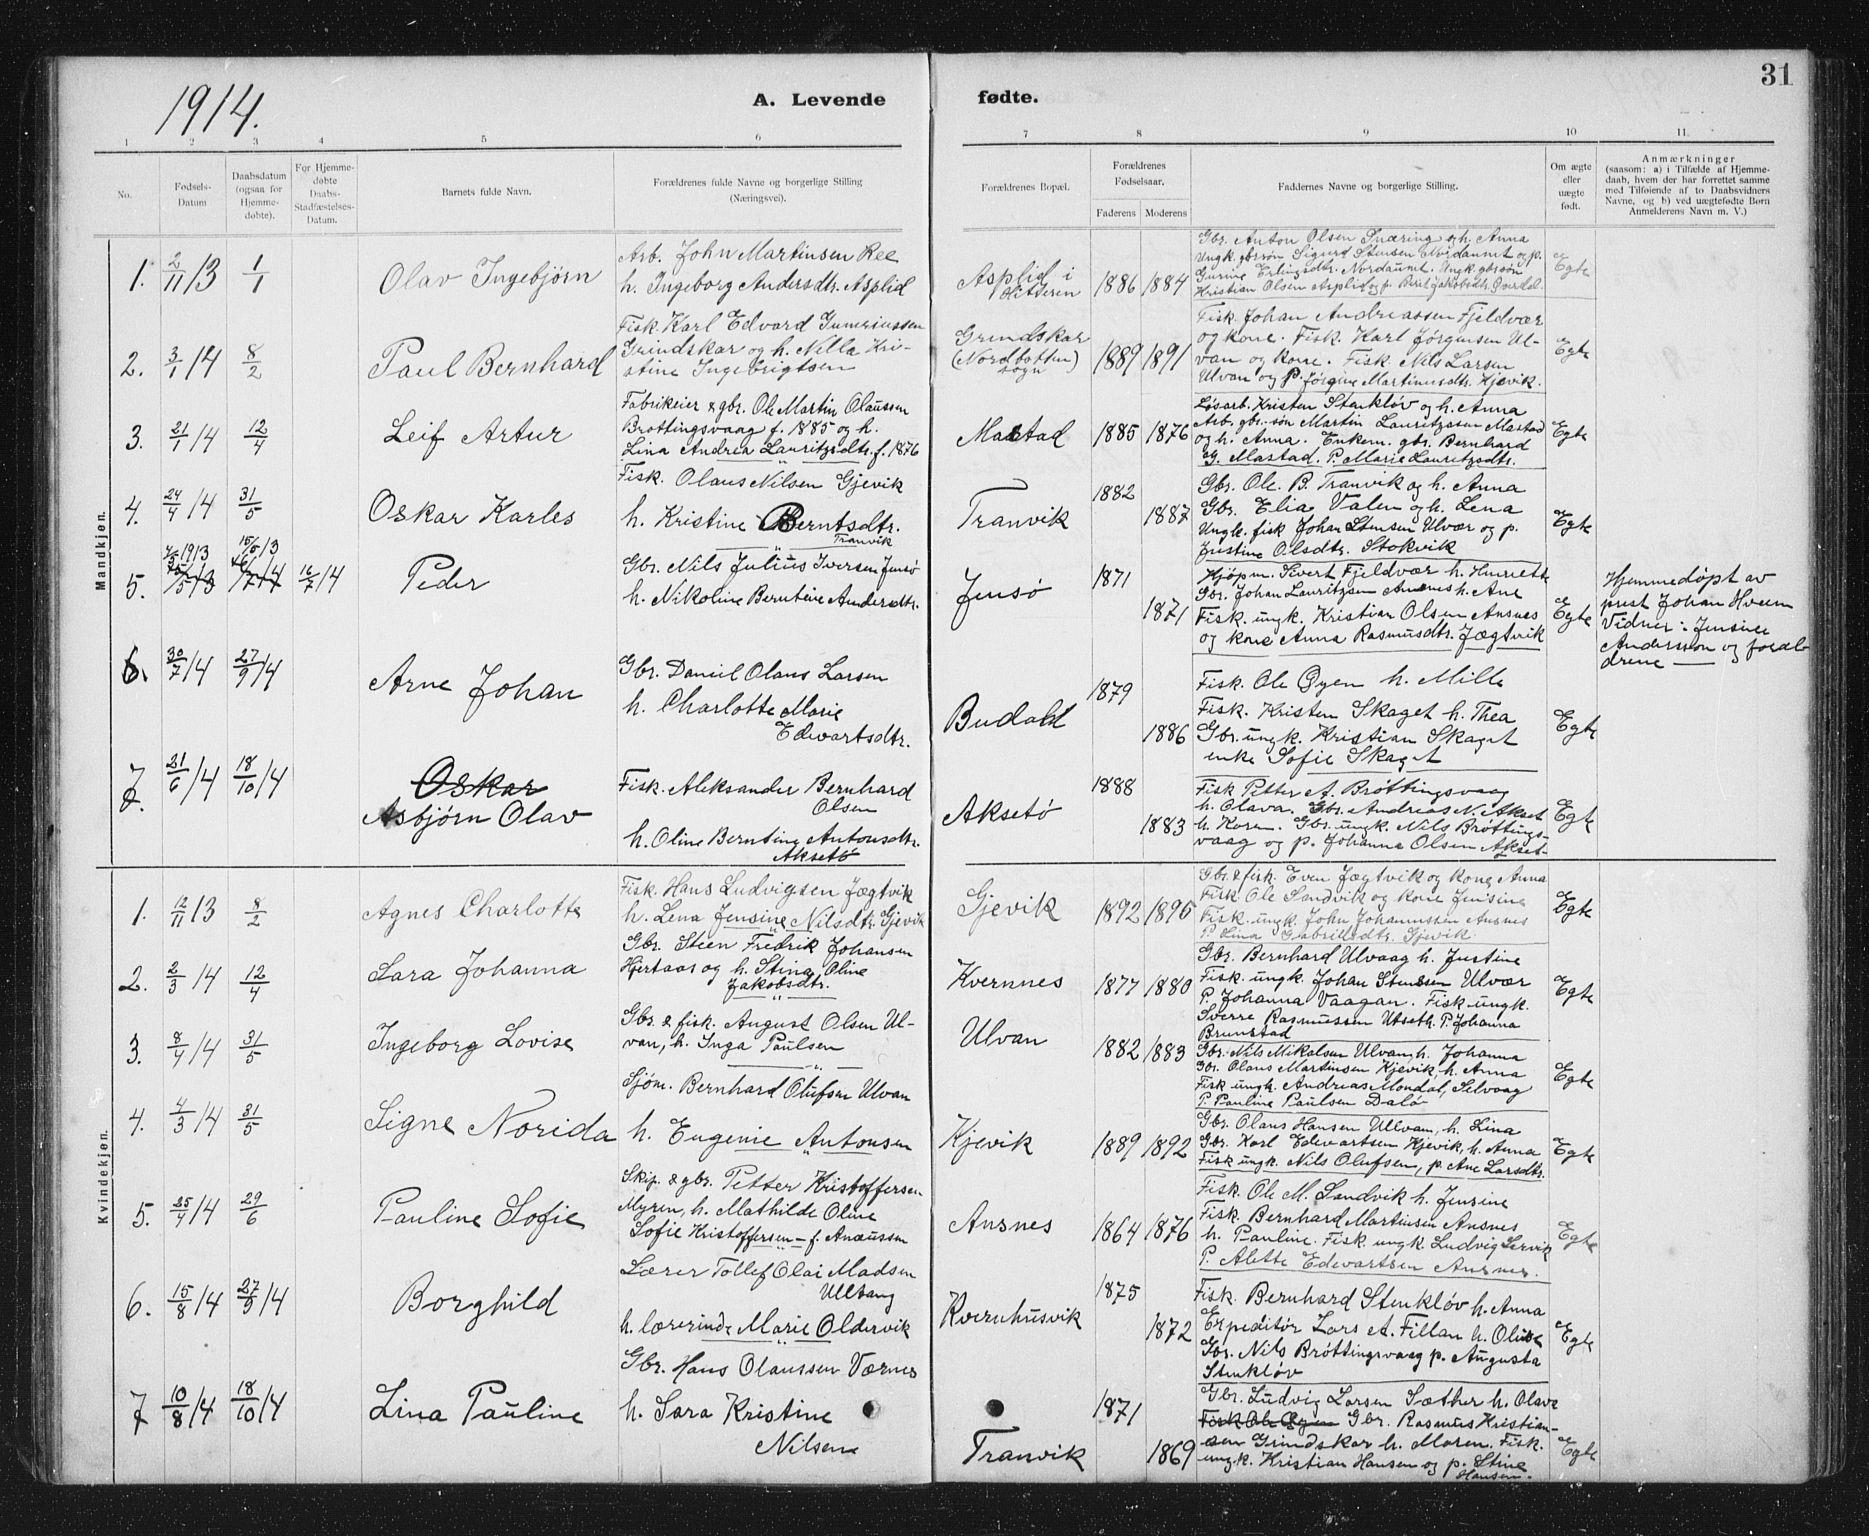 SAT, Ministerialprotokoller, klokkerbøker og fødselsregistre - Sør-Trøndelag, 637/L0563: Klokkerbok nr. 637C04, 1899-1940, s. 31